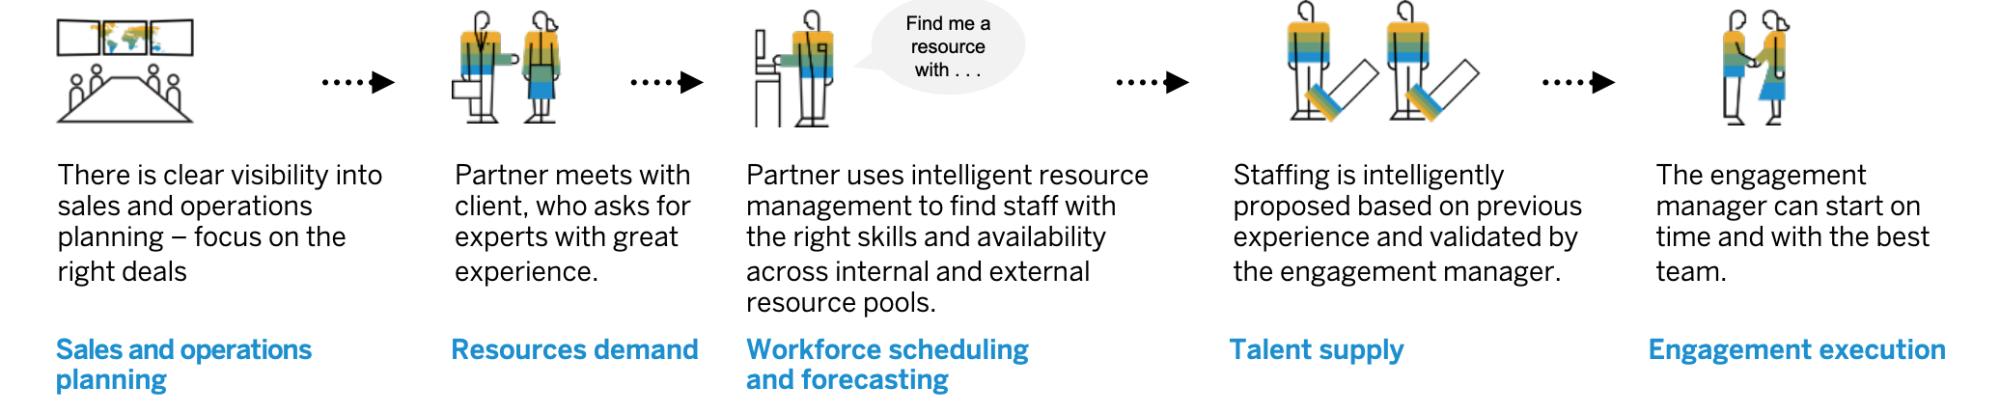 SAP S/4HANA Cloud - Talent Management